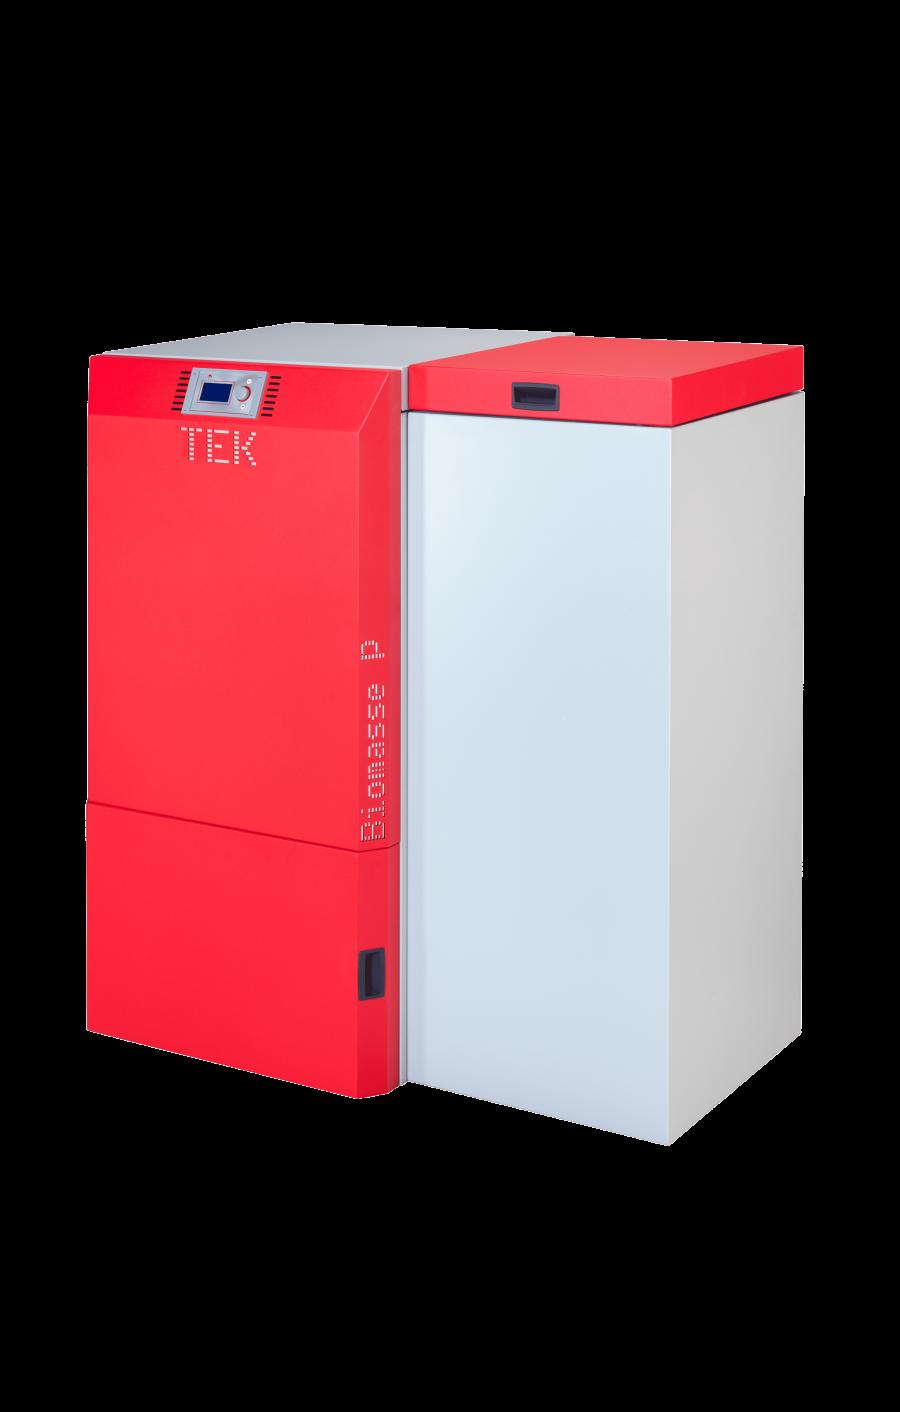 Caldeira de aquecimento a pellets, Biomasse P de cor vermelha